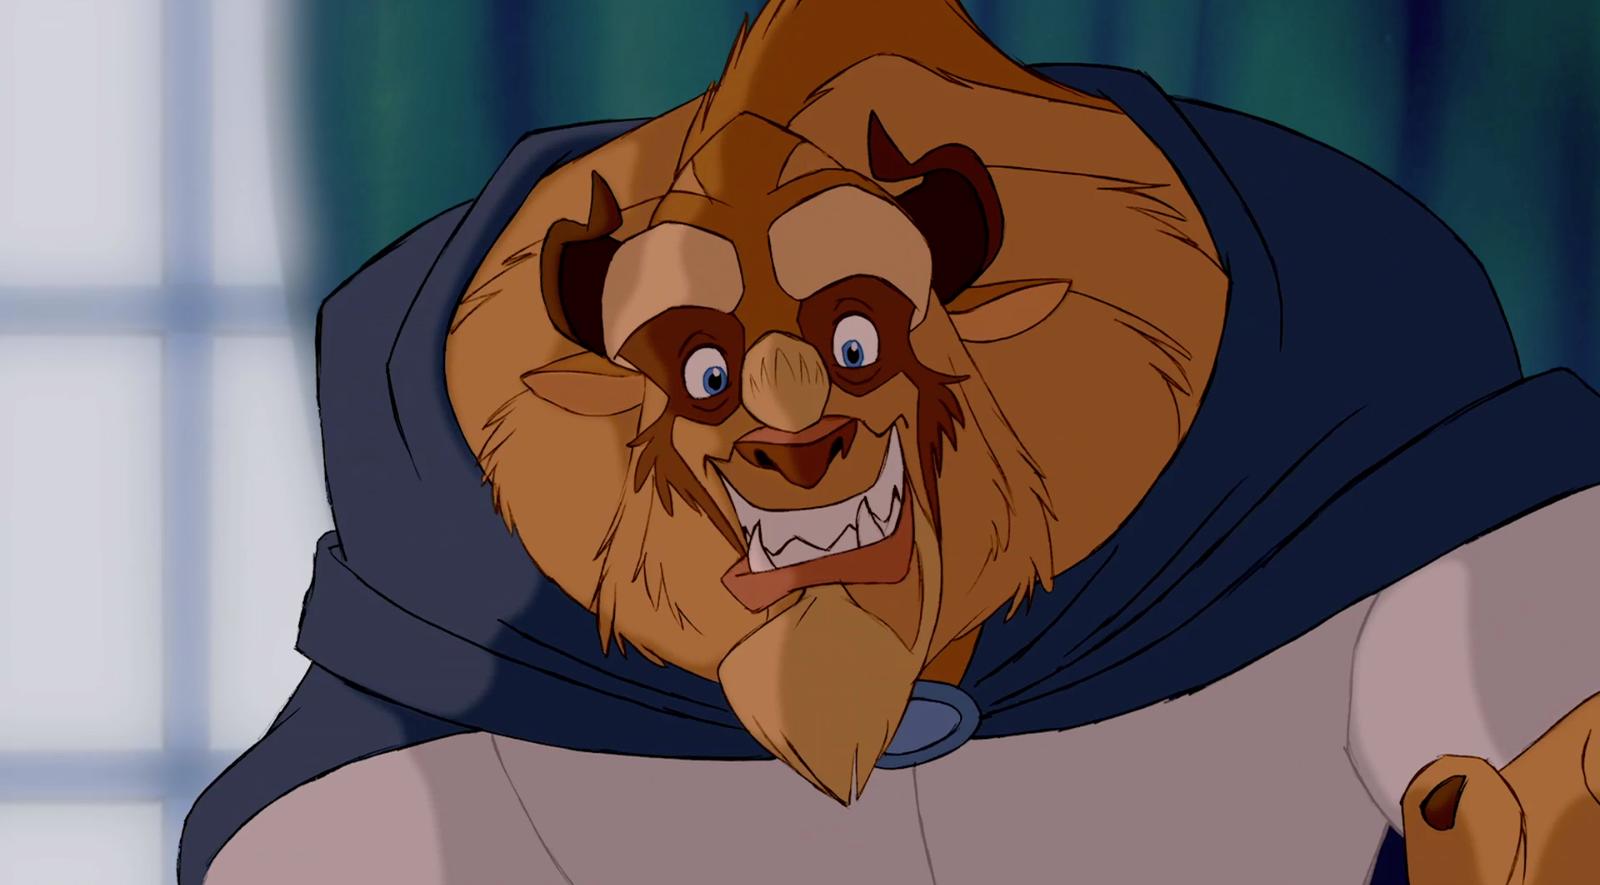 Turn That Bad Boy Good | Oh My Disney